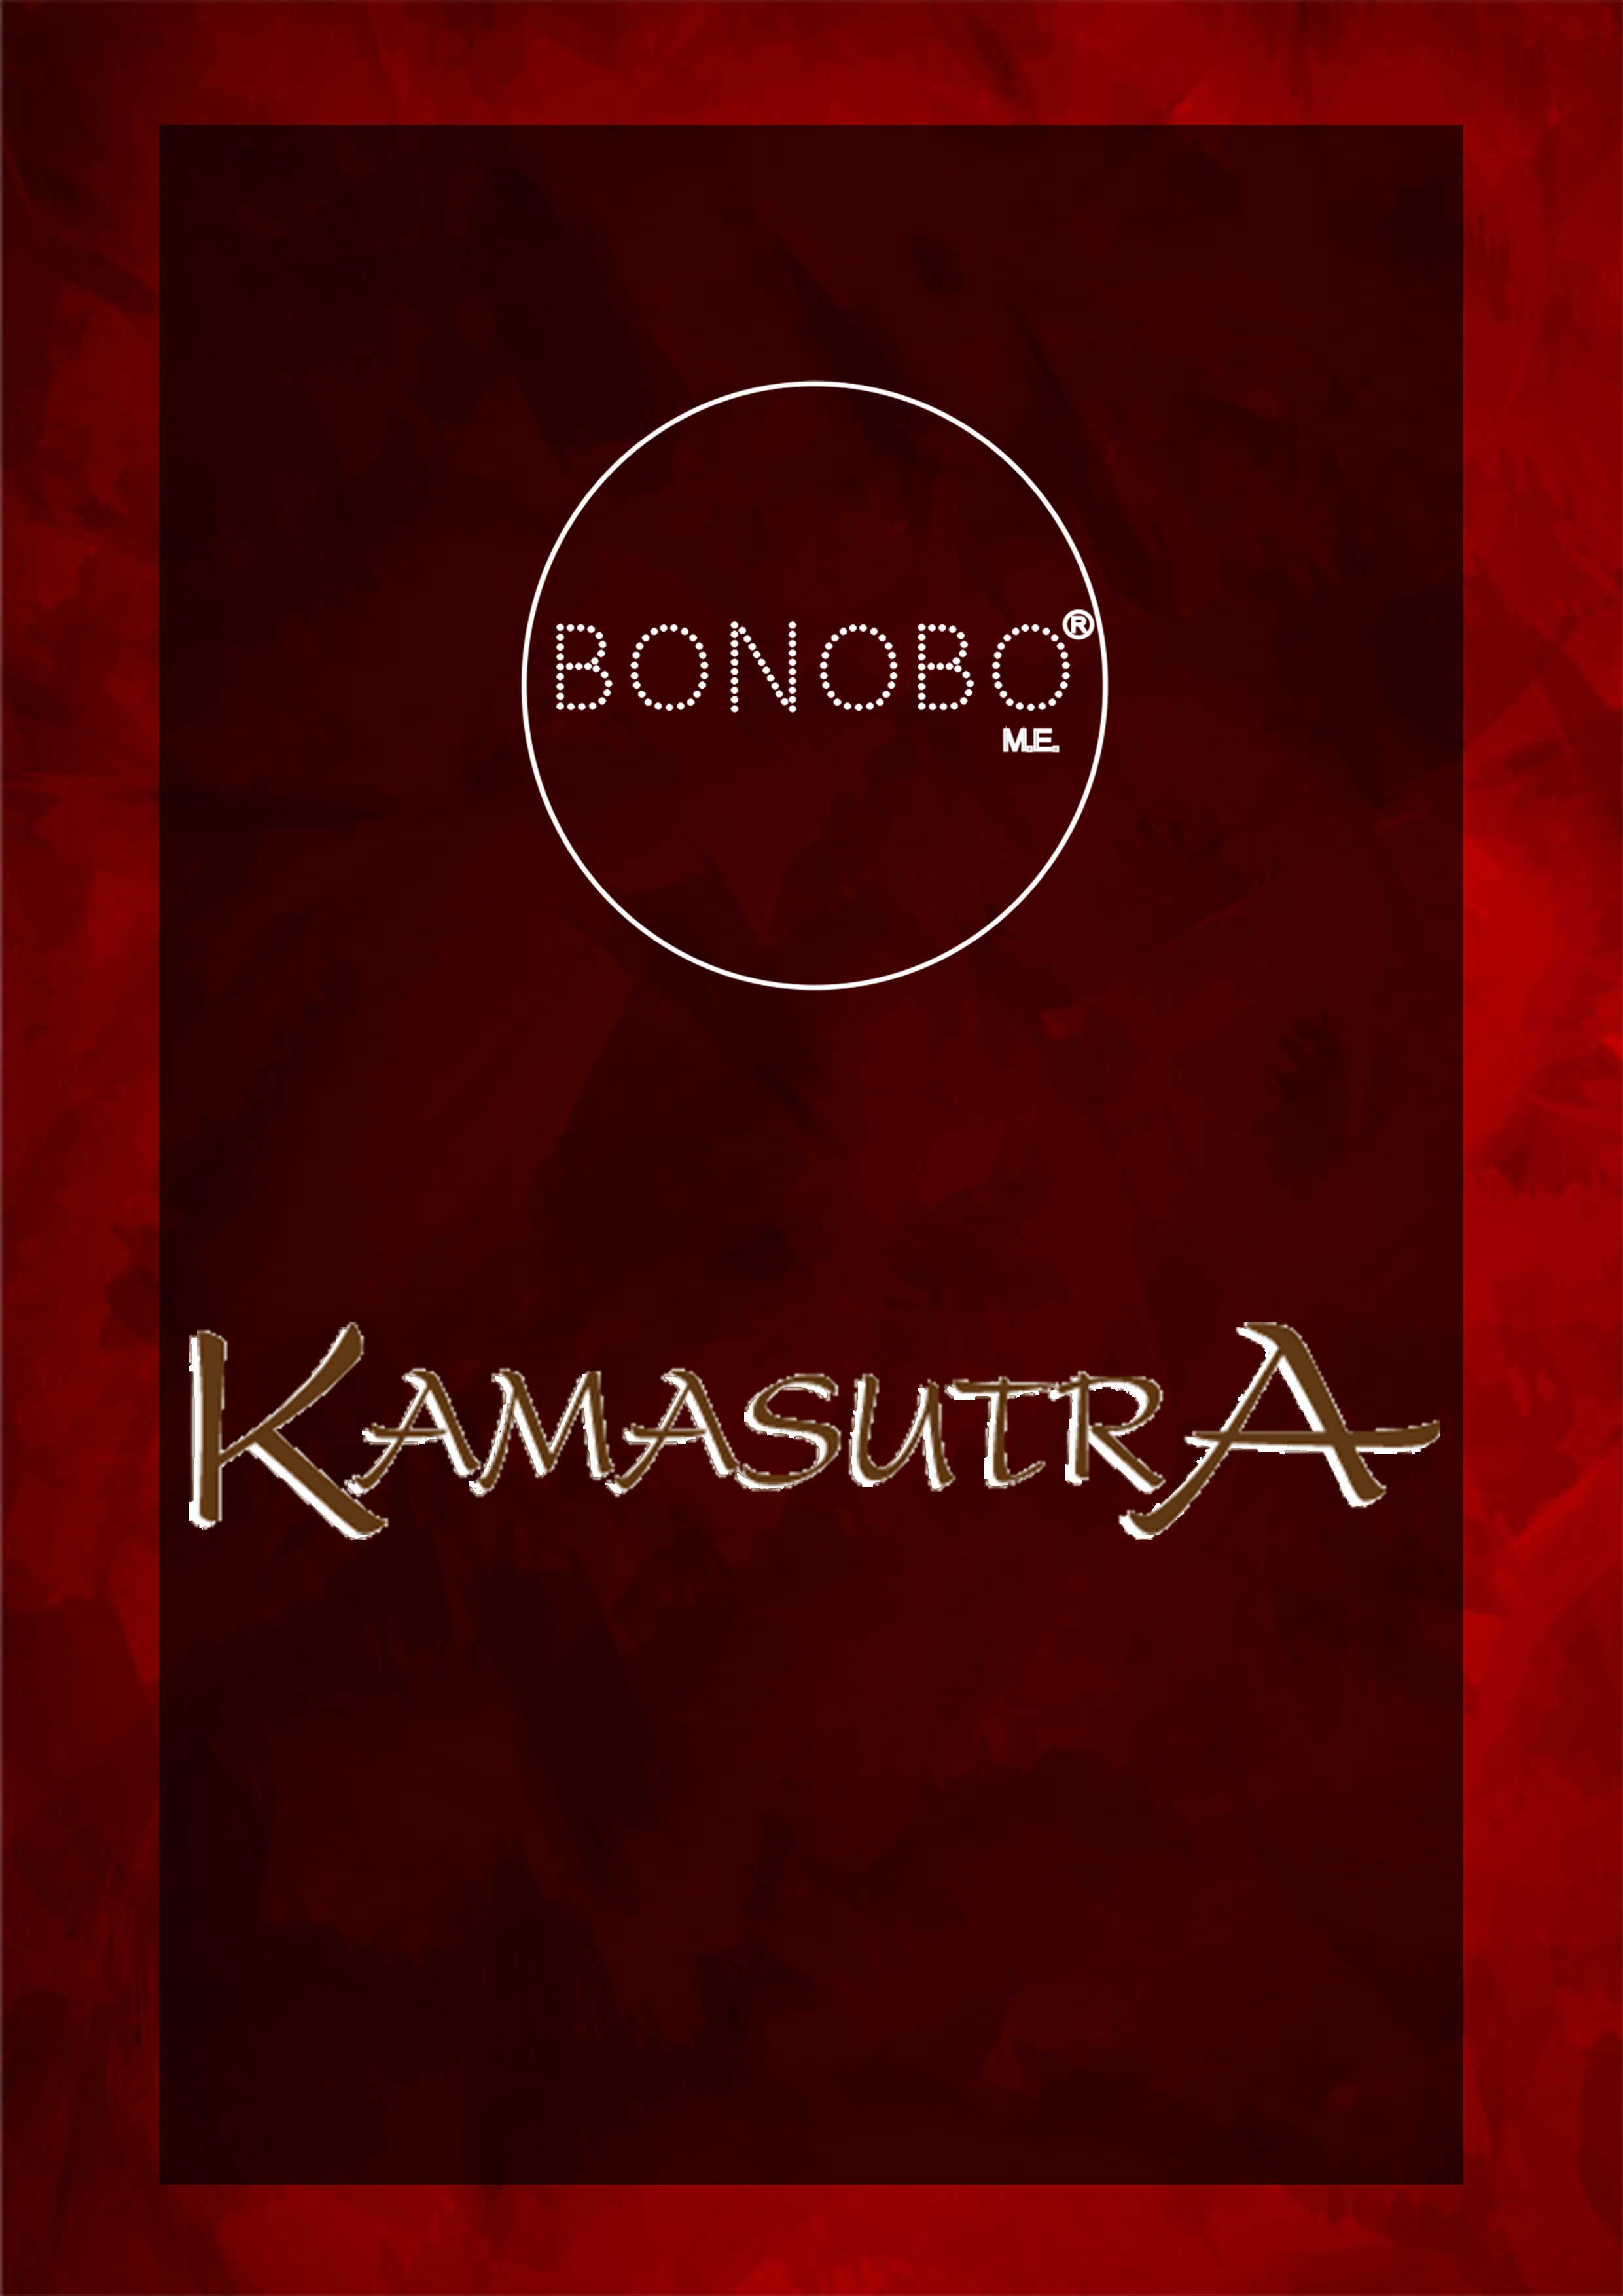 Kamasutrabonobo